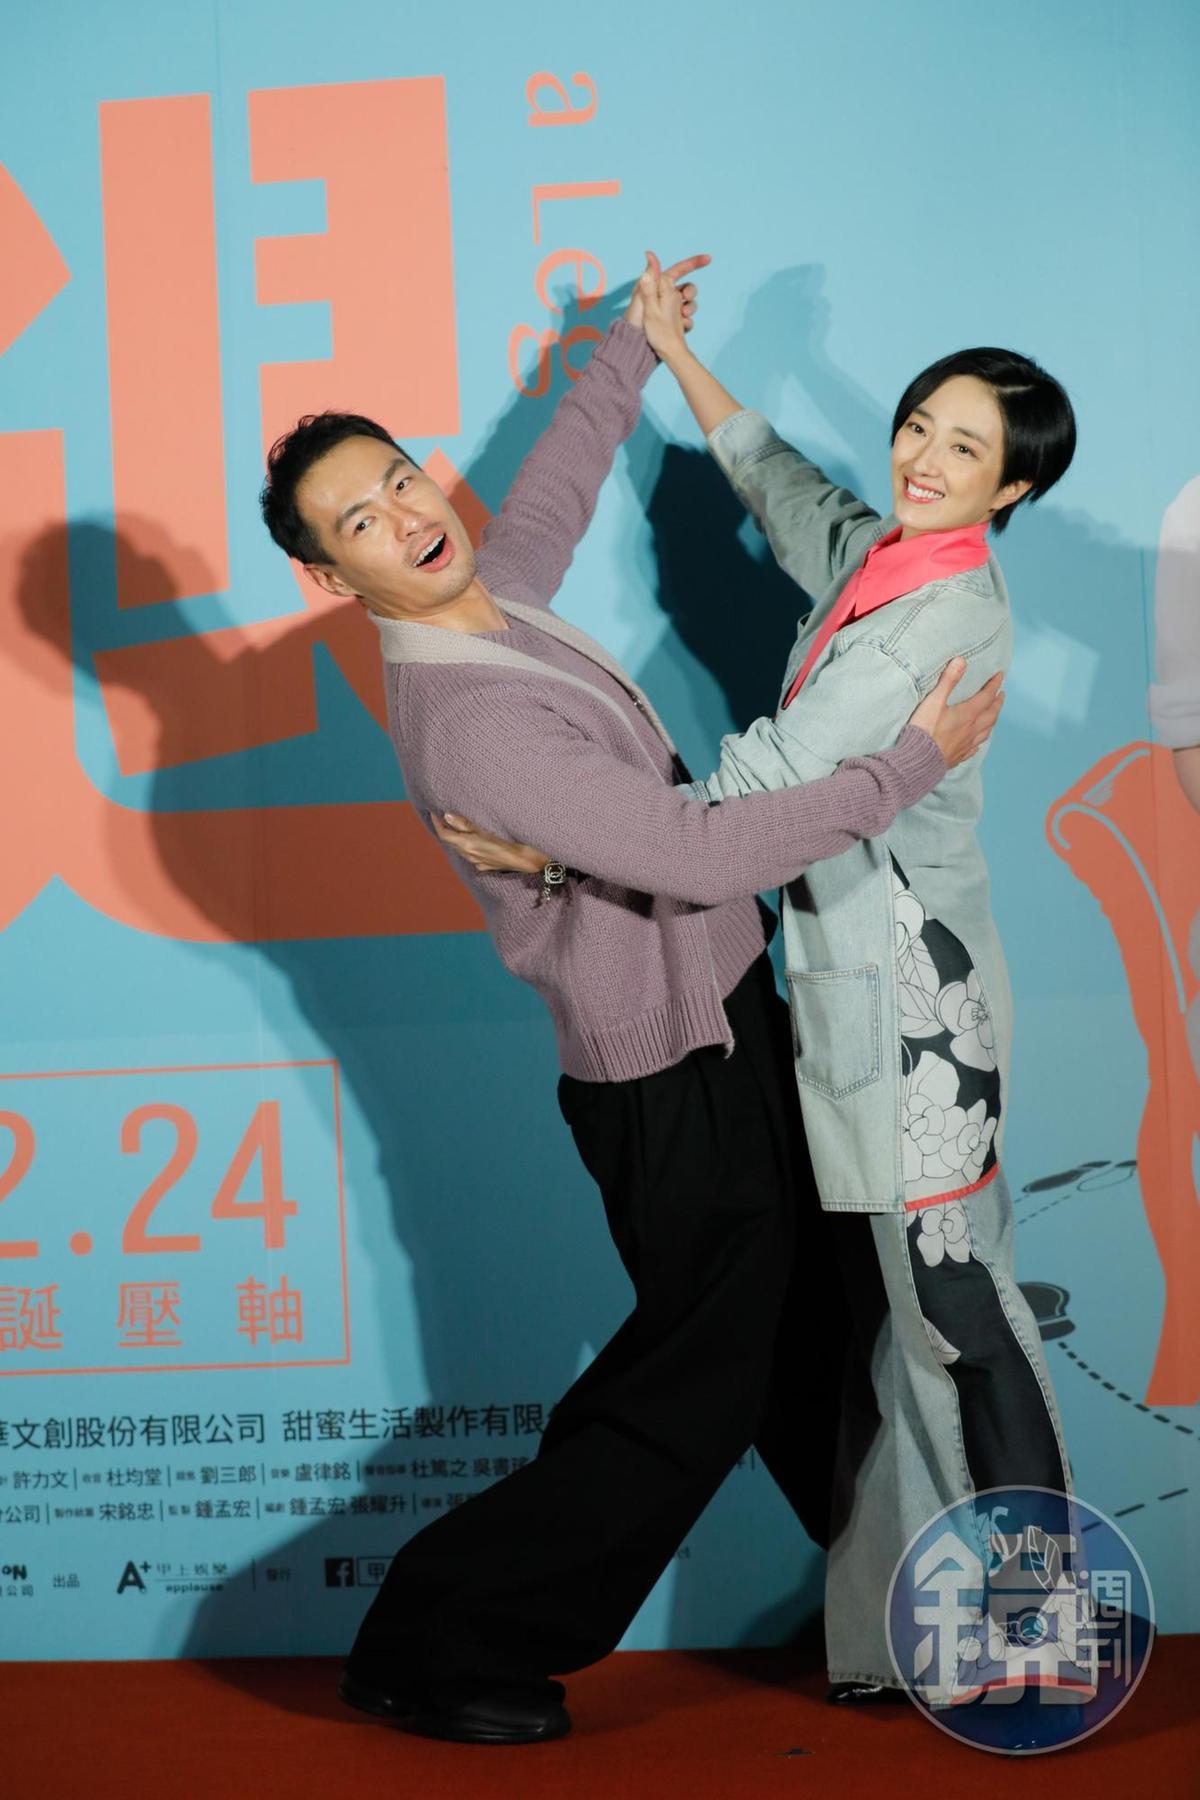 楊祐寧與桂綸鎂擺出共舞姿勢,象徵兩人在片中是以舞結緣。